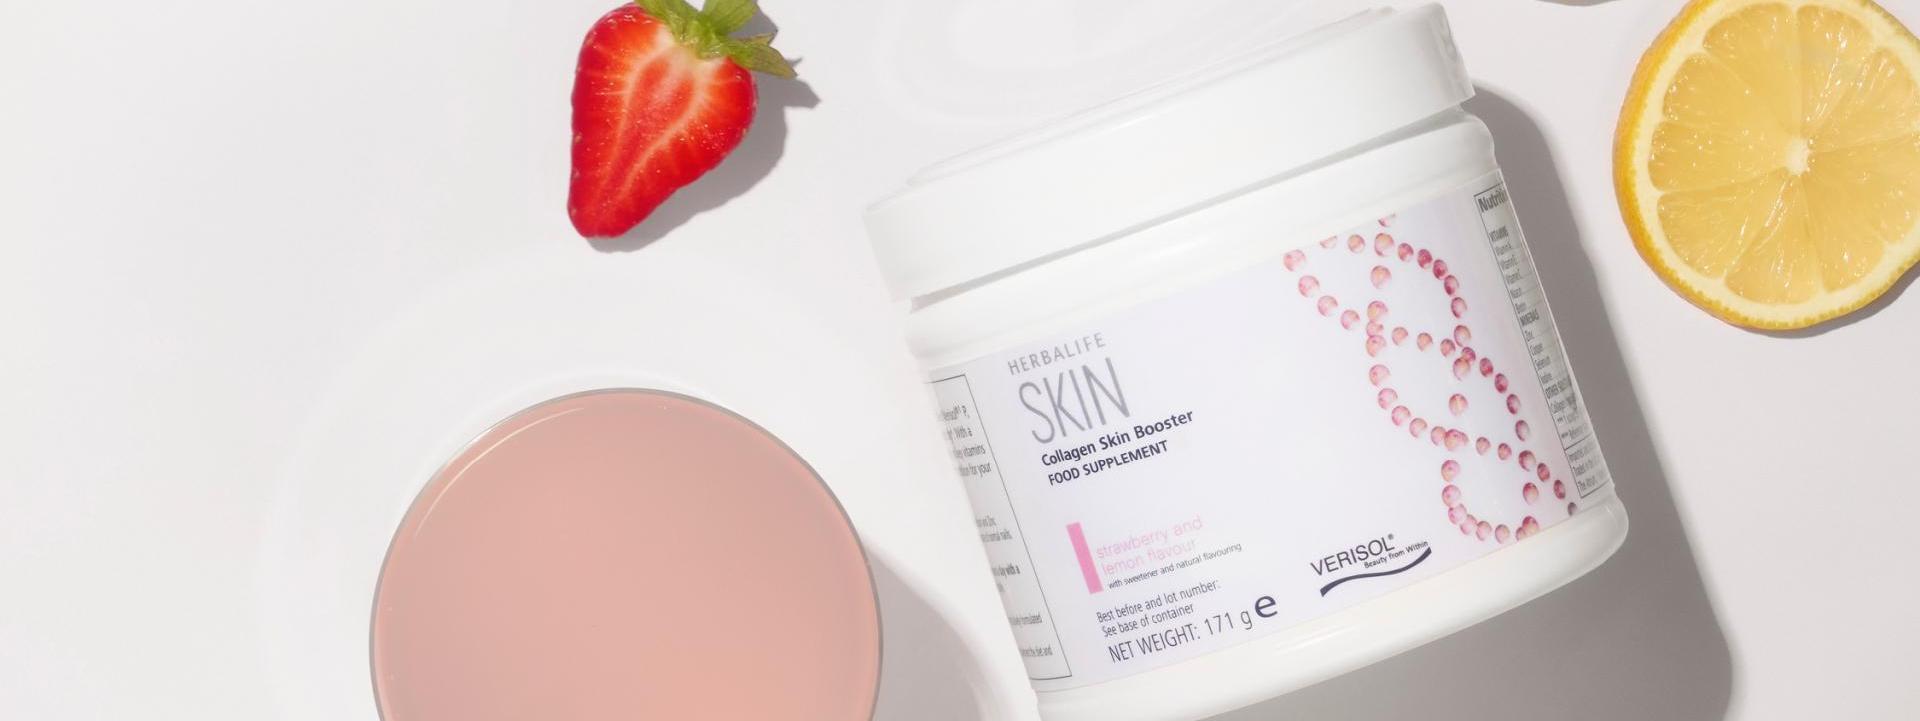 Skin Collagen Booster Herbalife